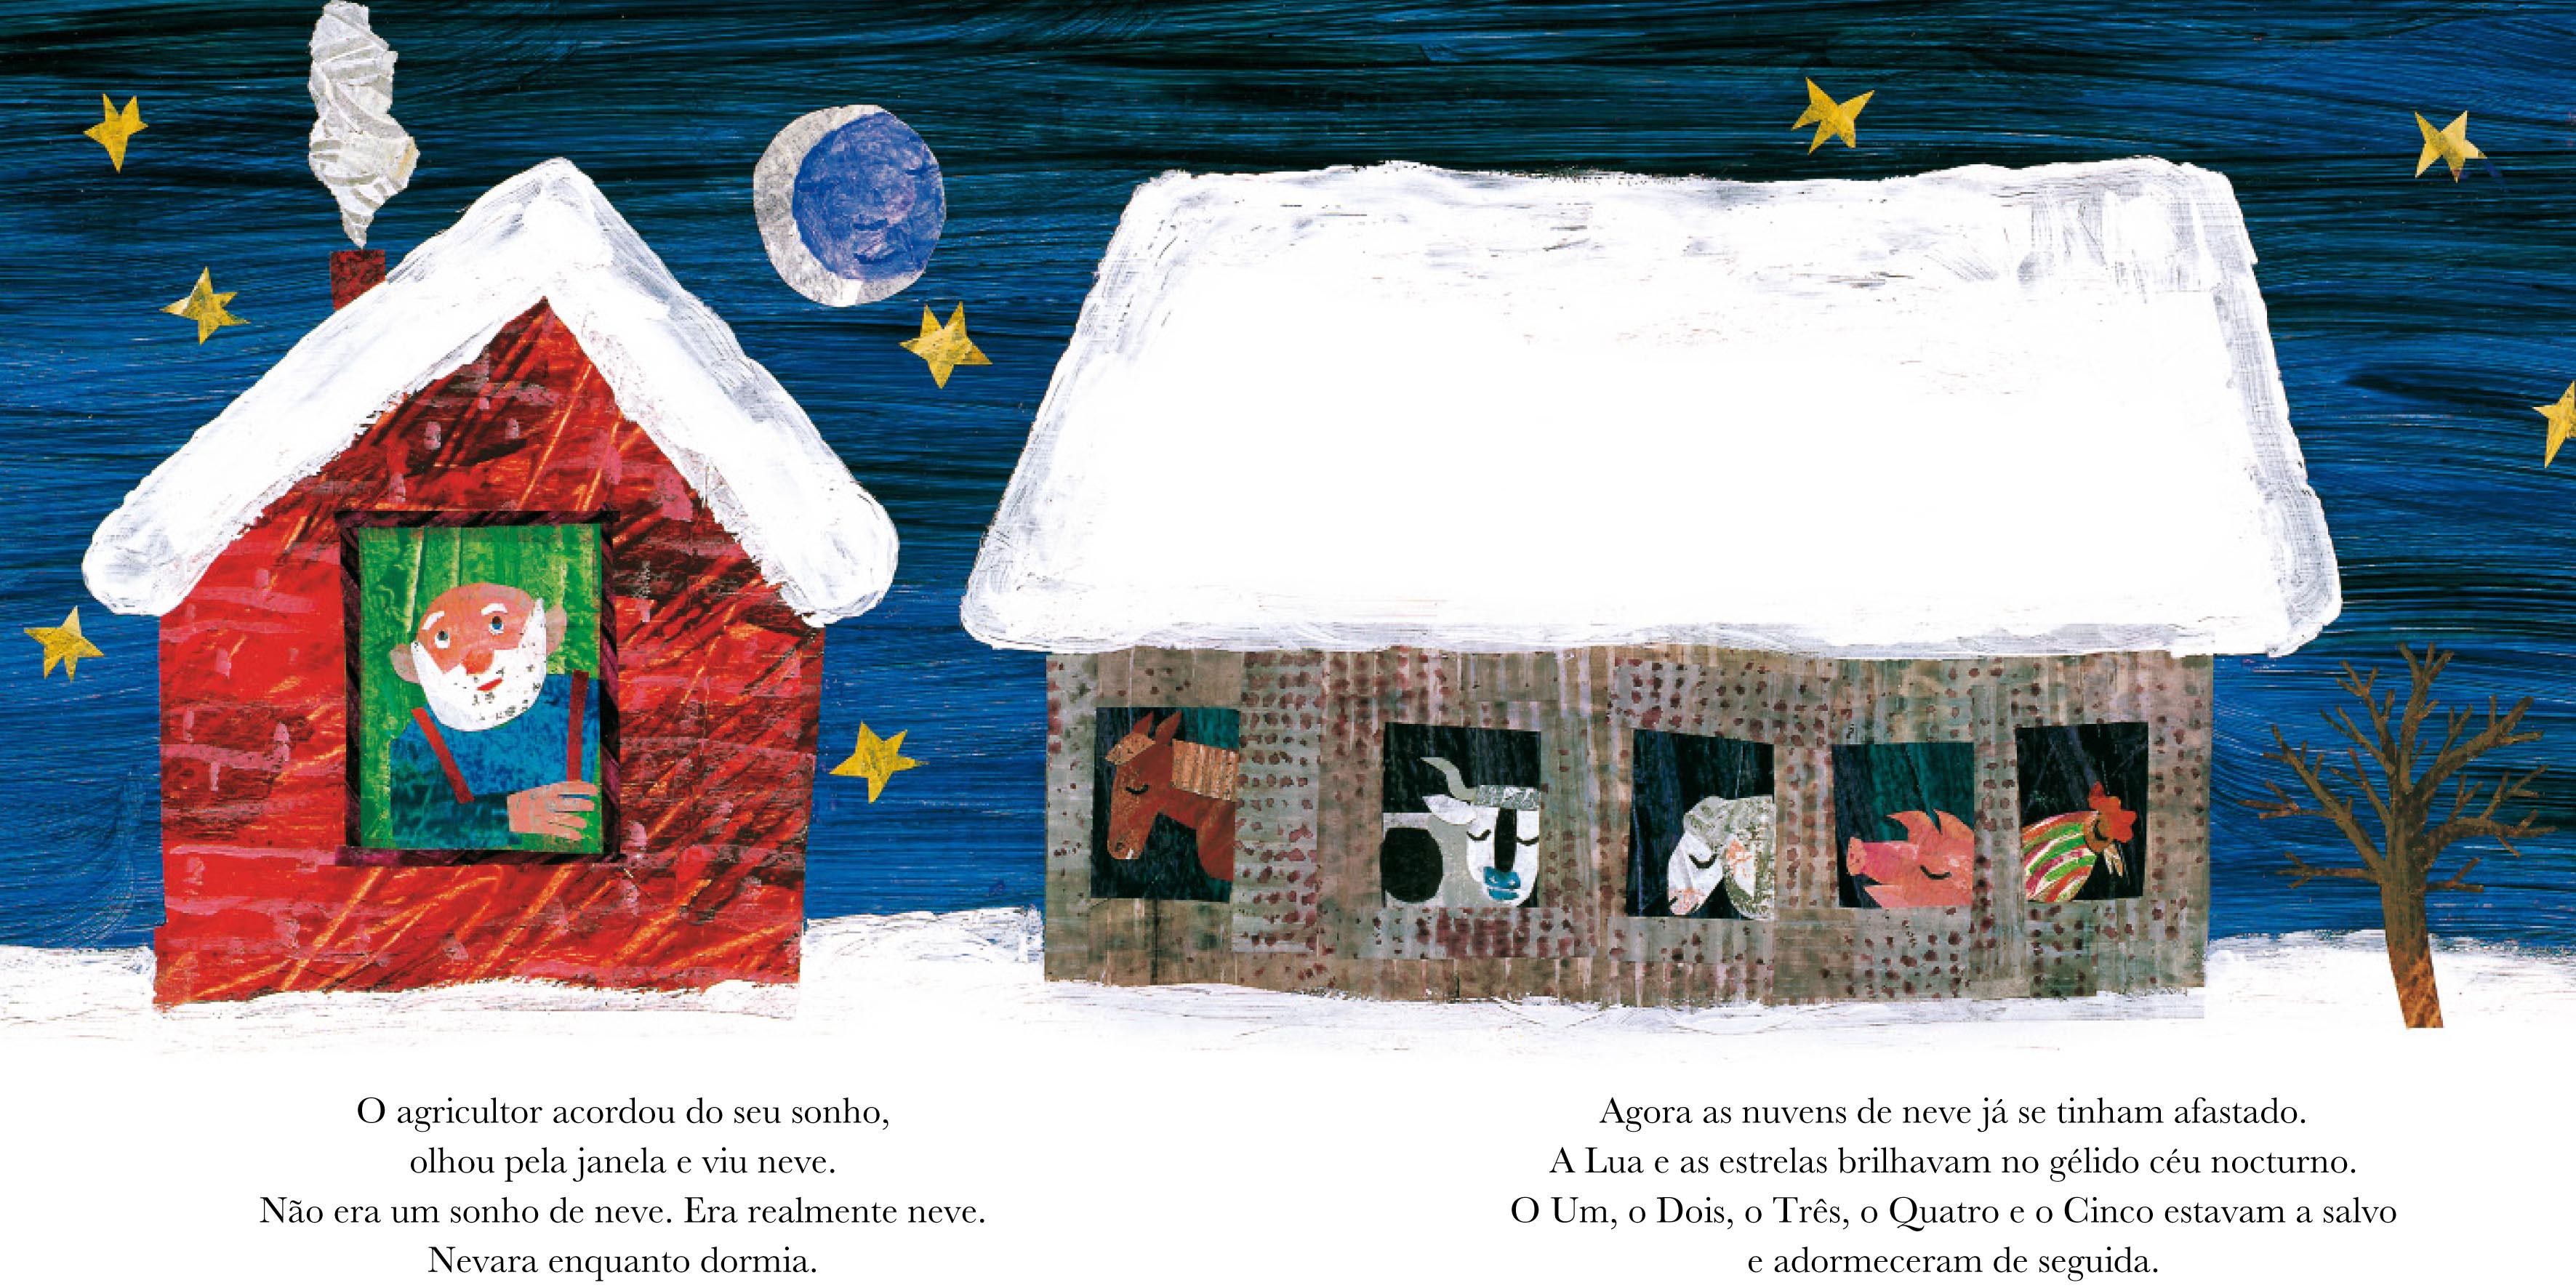 Resultado de imagem para capa do livro sonho de neve da kalandraka